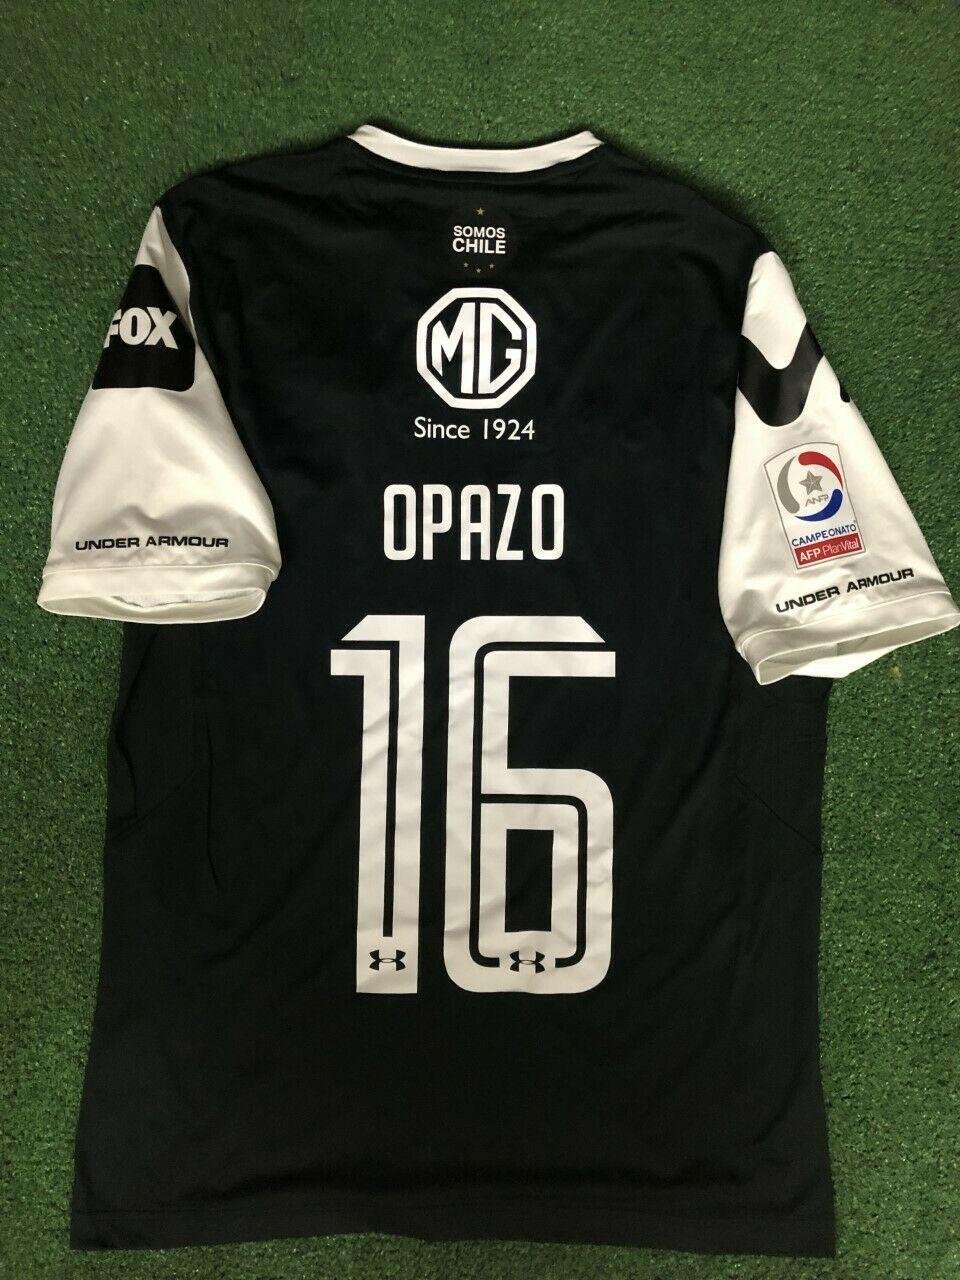 Opazo Colo Colo 2018 coinciden con preparados Camisa Tamaño L